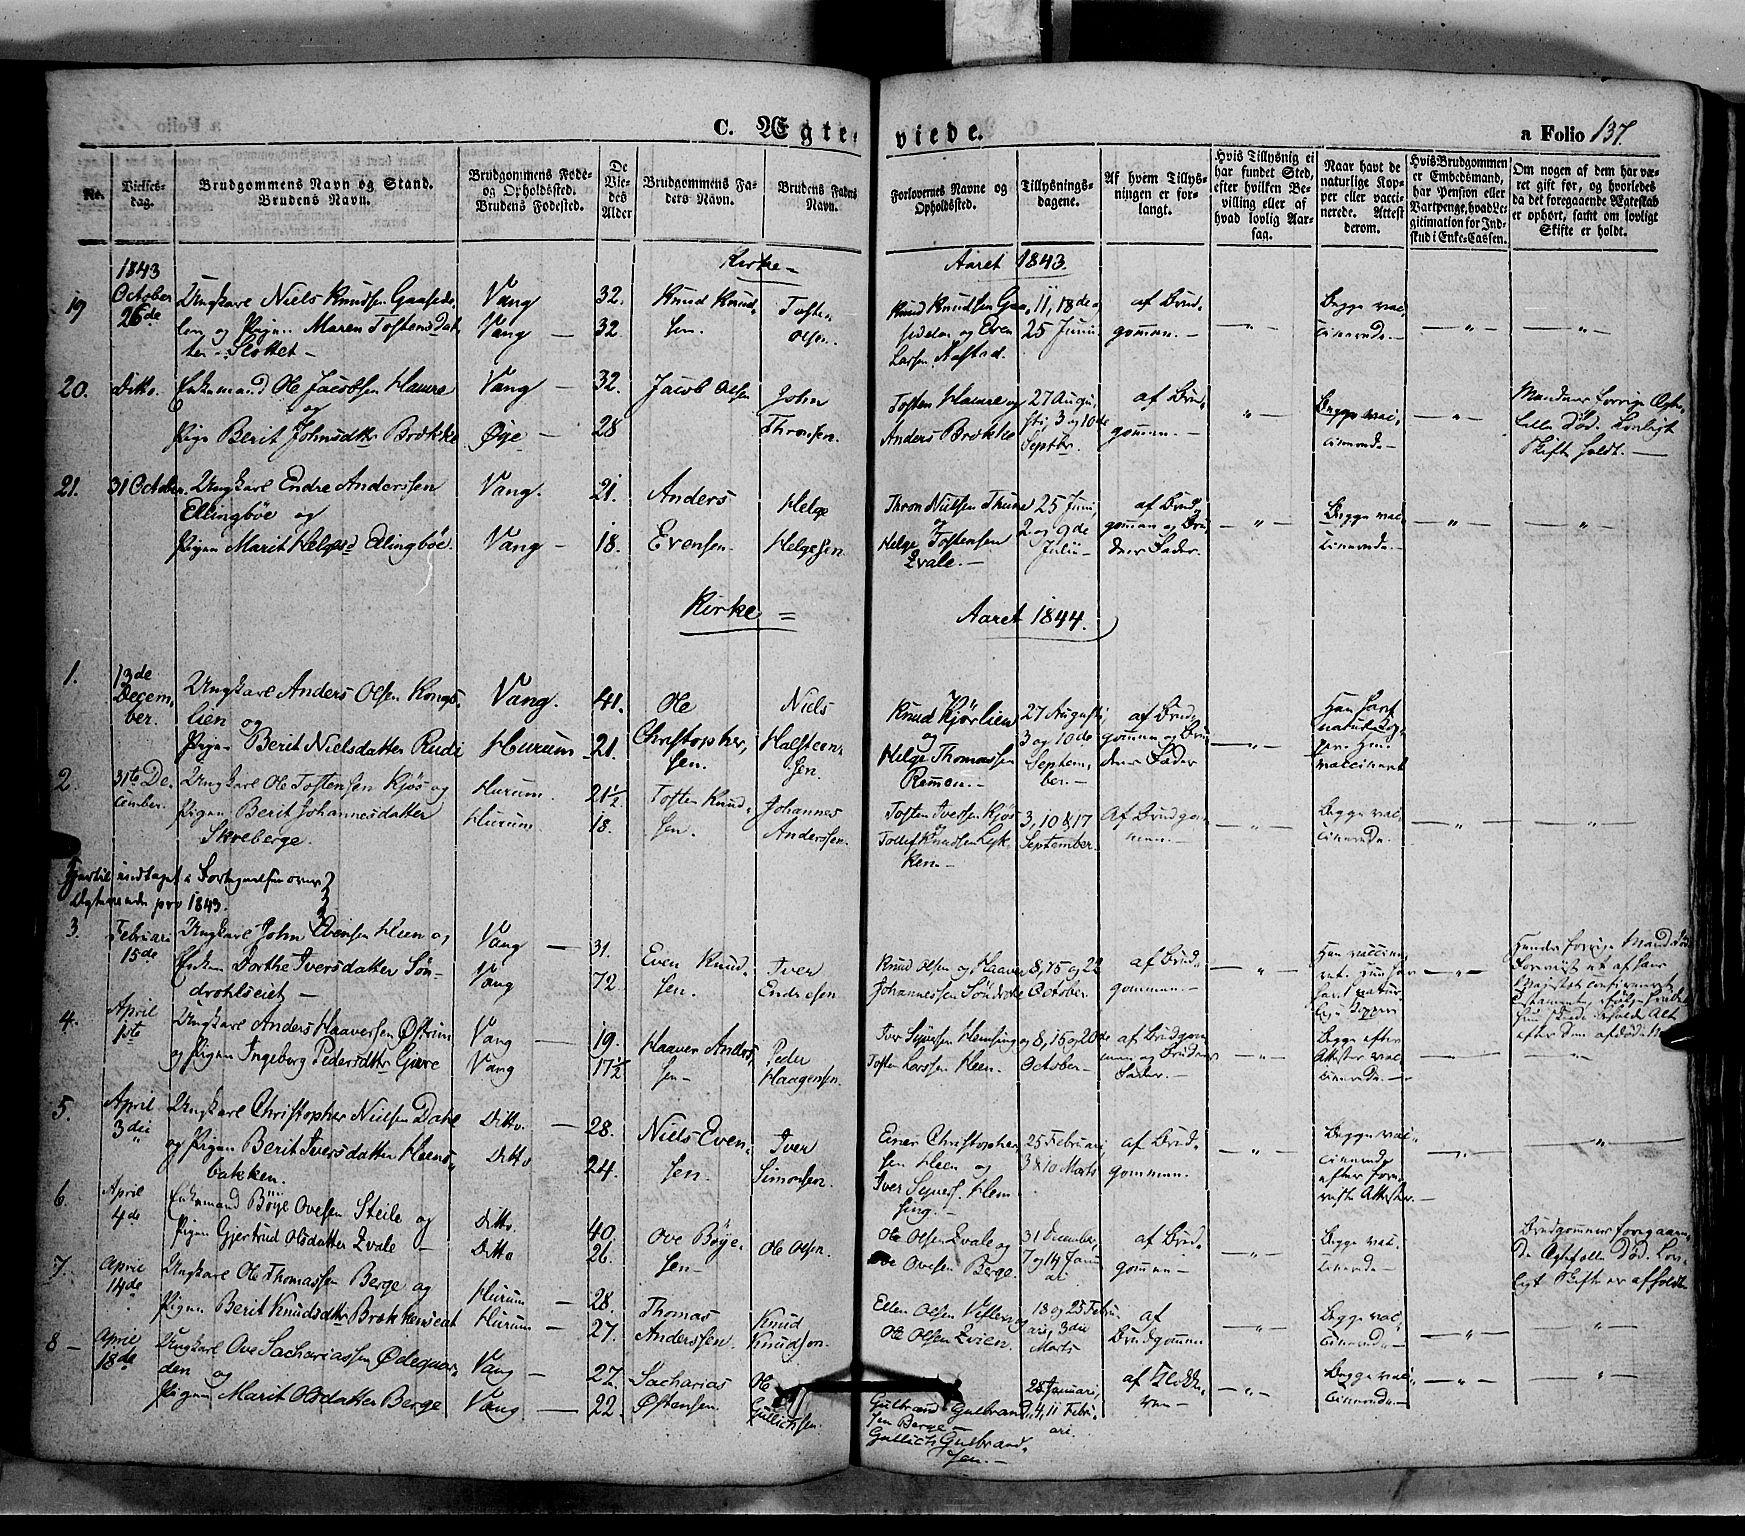 SAH, Vang prestekontor, Valdres, Ministerialbok nr. 5, 1831-1845, s. 137